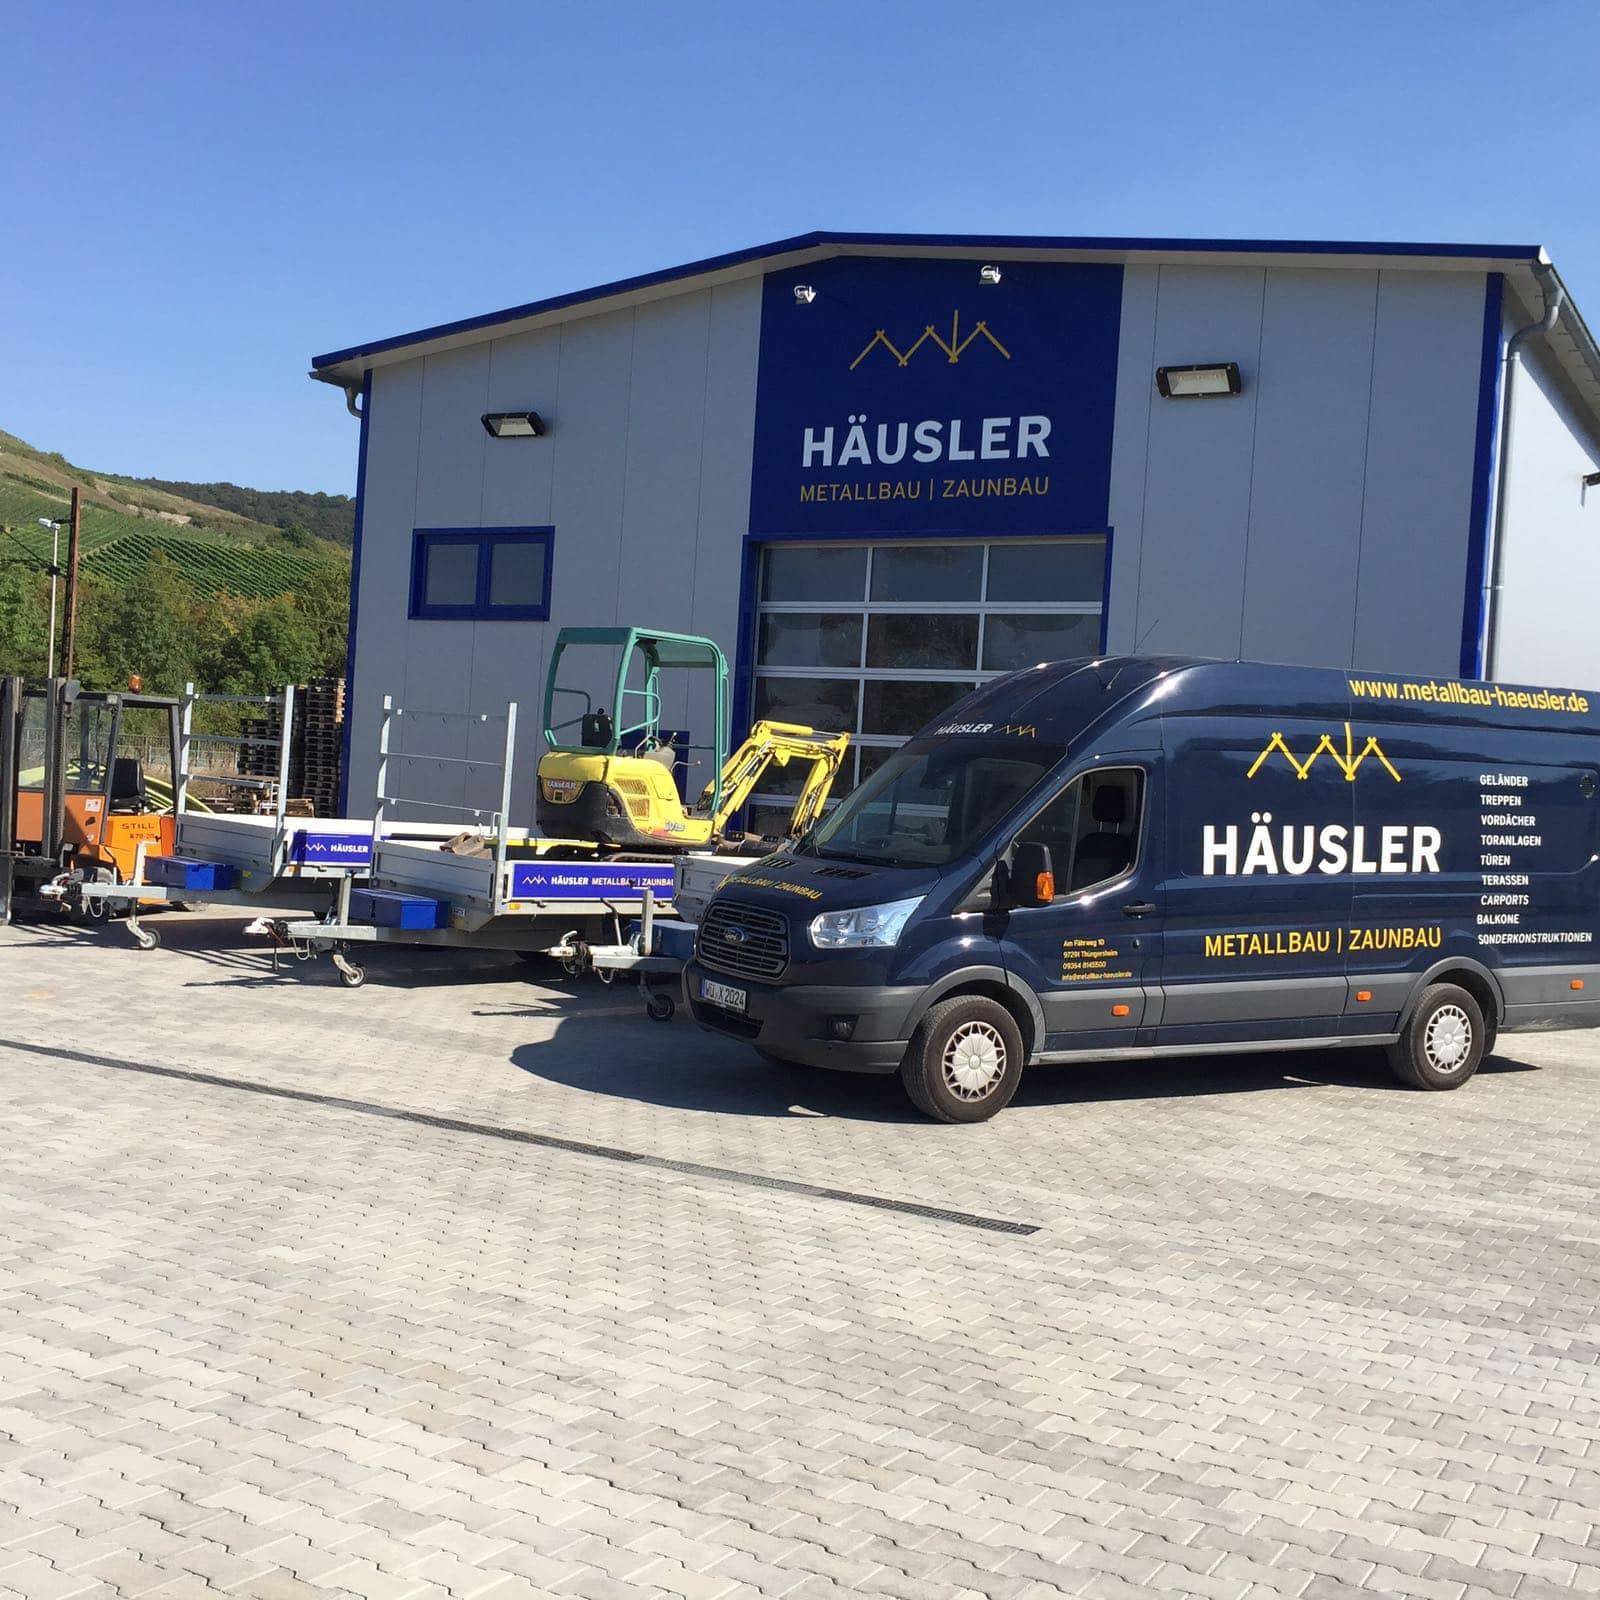 Metallbau & Zaunbau Häusler Firmengebäude Firmengelände in Thüngersheim bei Würzburg